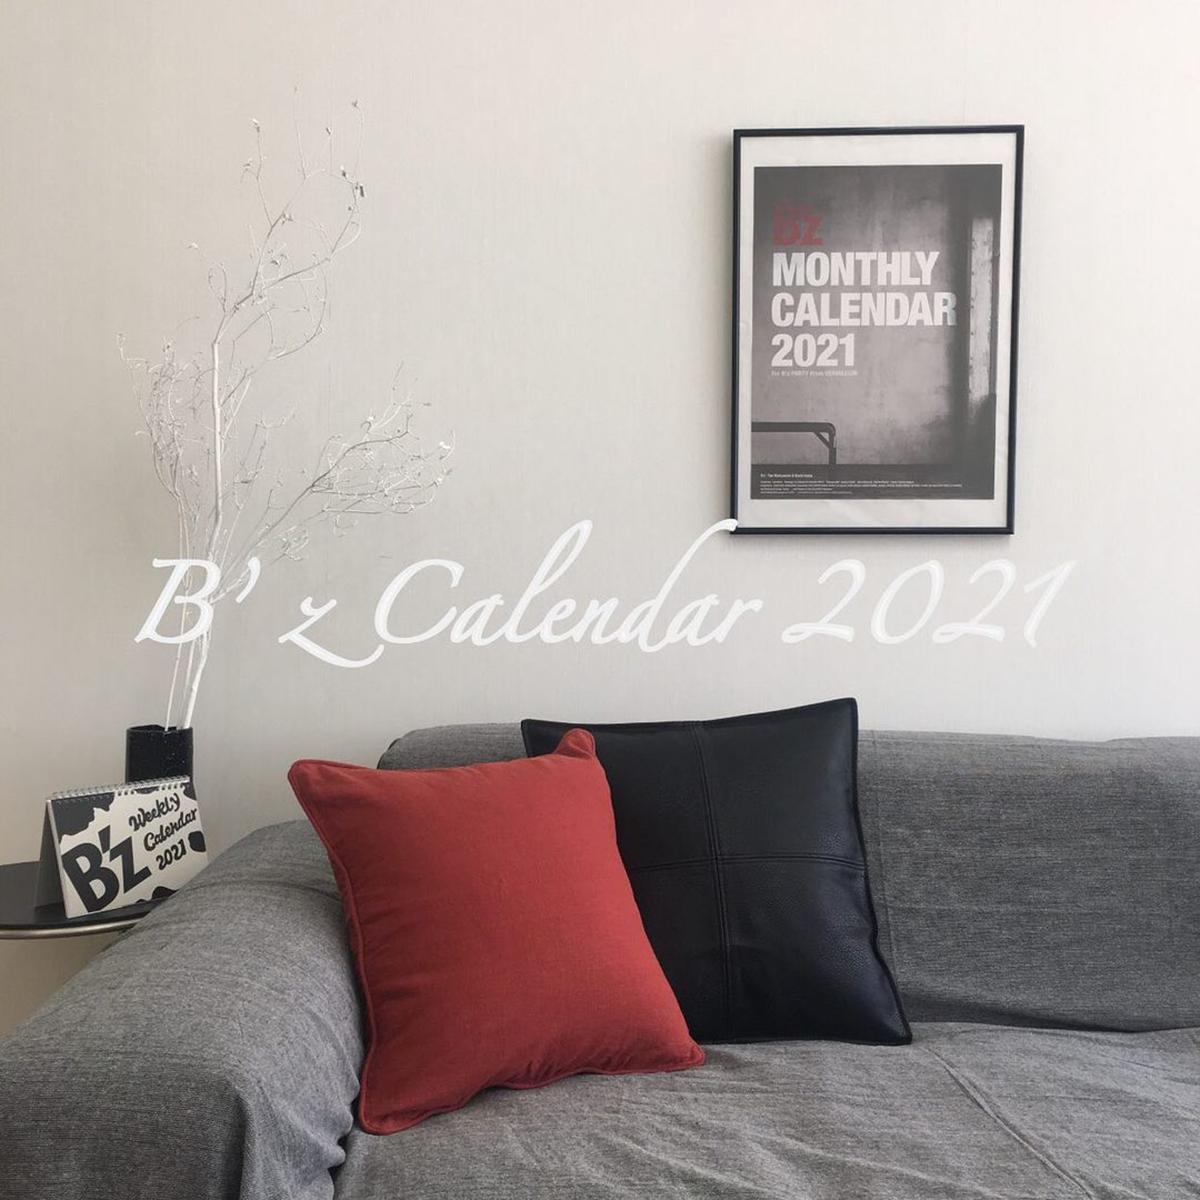 「B'zカレンダー2021」のインテリアアレンジ写真